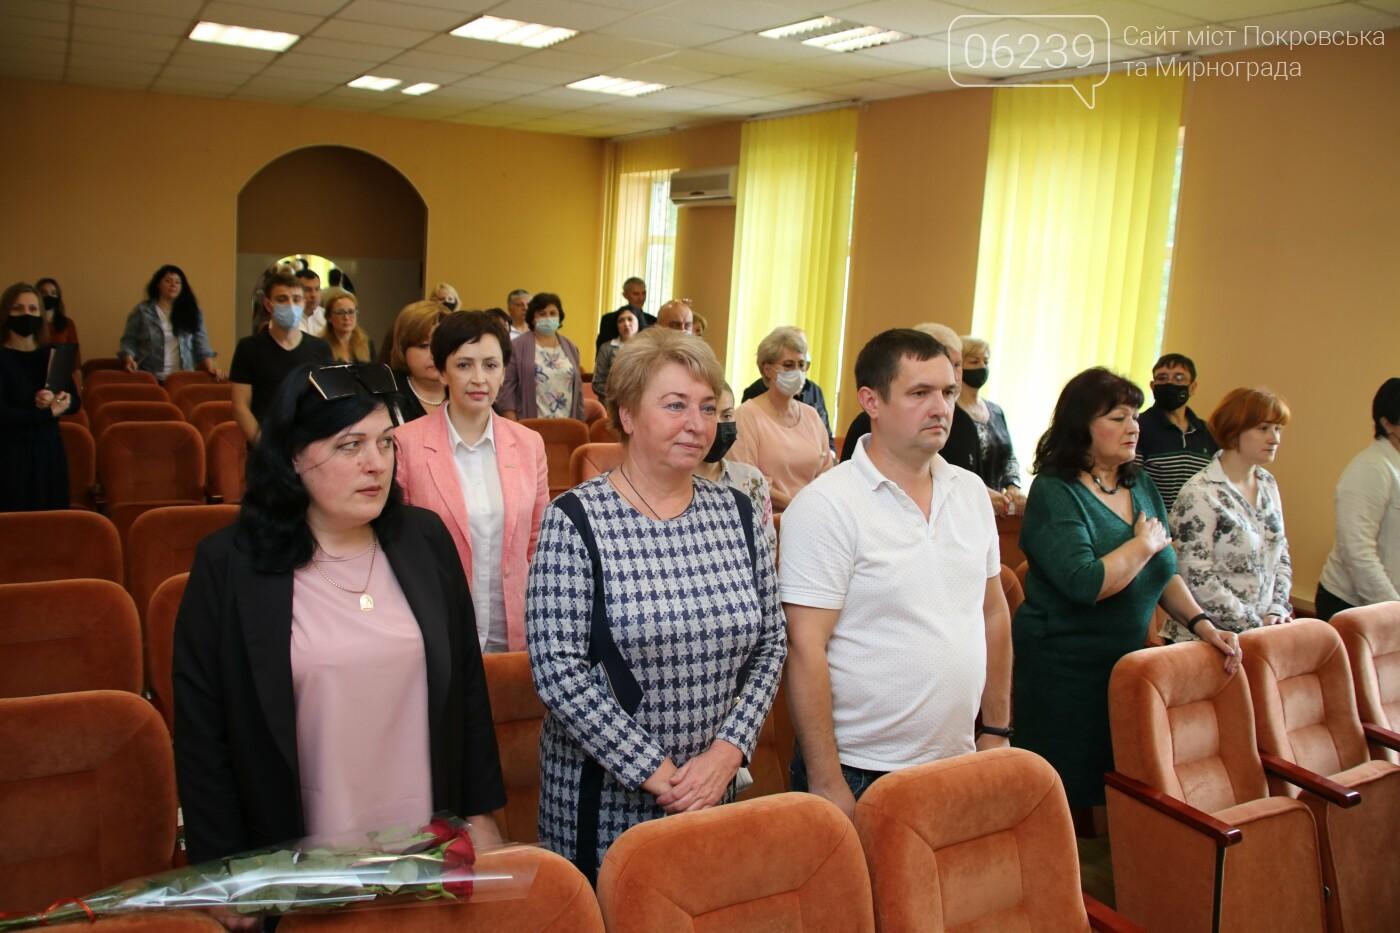 Вопросы благоустройства города и местного бюджета: в Мирнограде состоялась сессия городского совета, фото-5